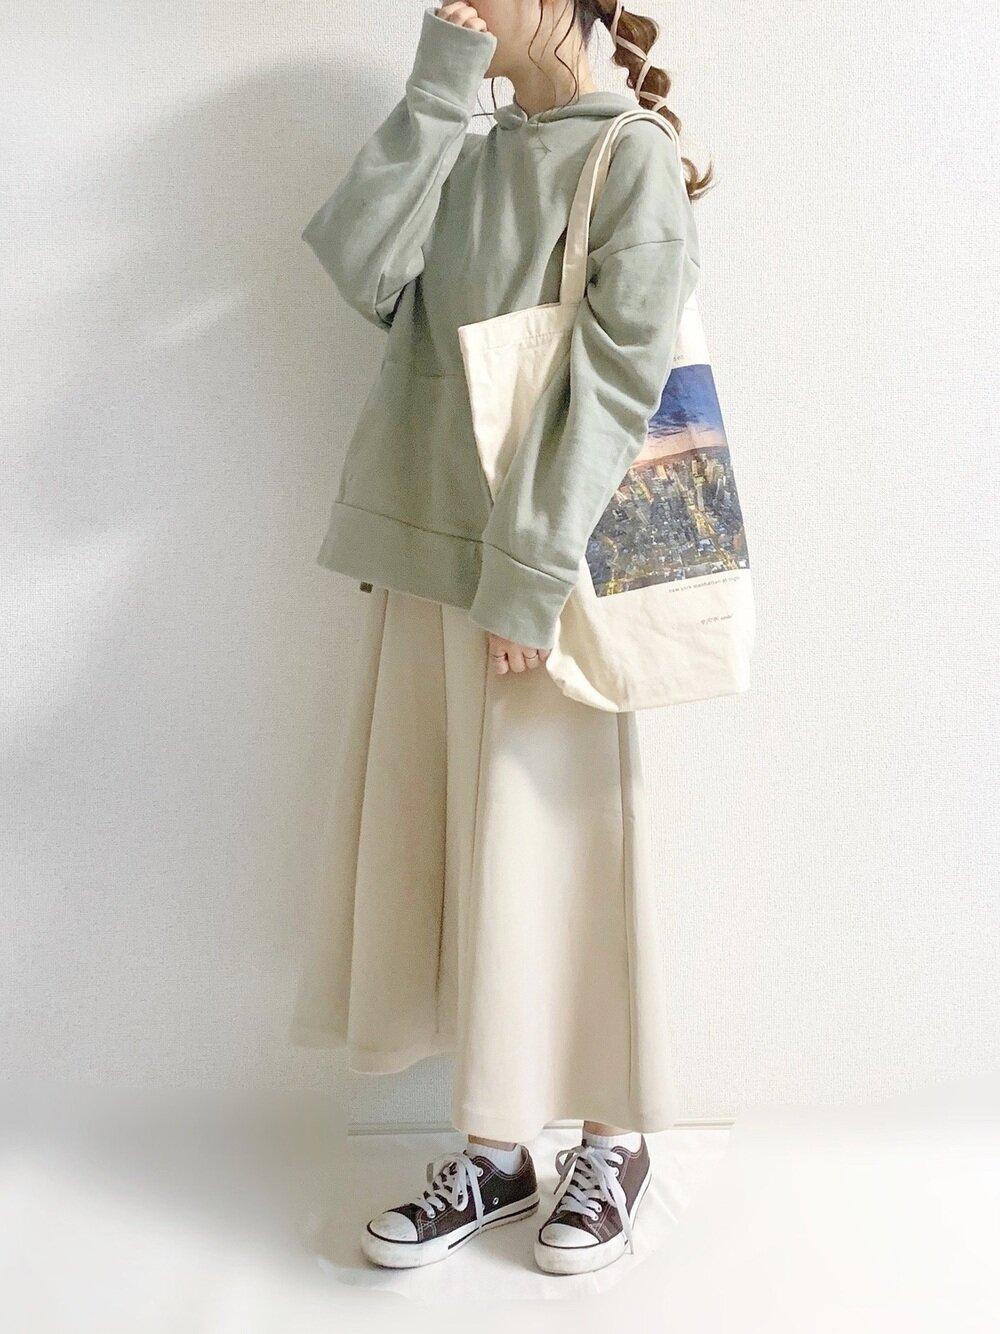 スカート パーカー パーカー×スカートのおすすめ冬コーデ10選|定番の組み合わせを今っぽく魅せるコツ